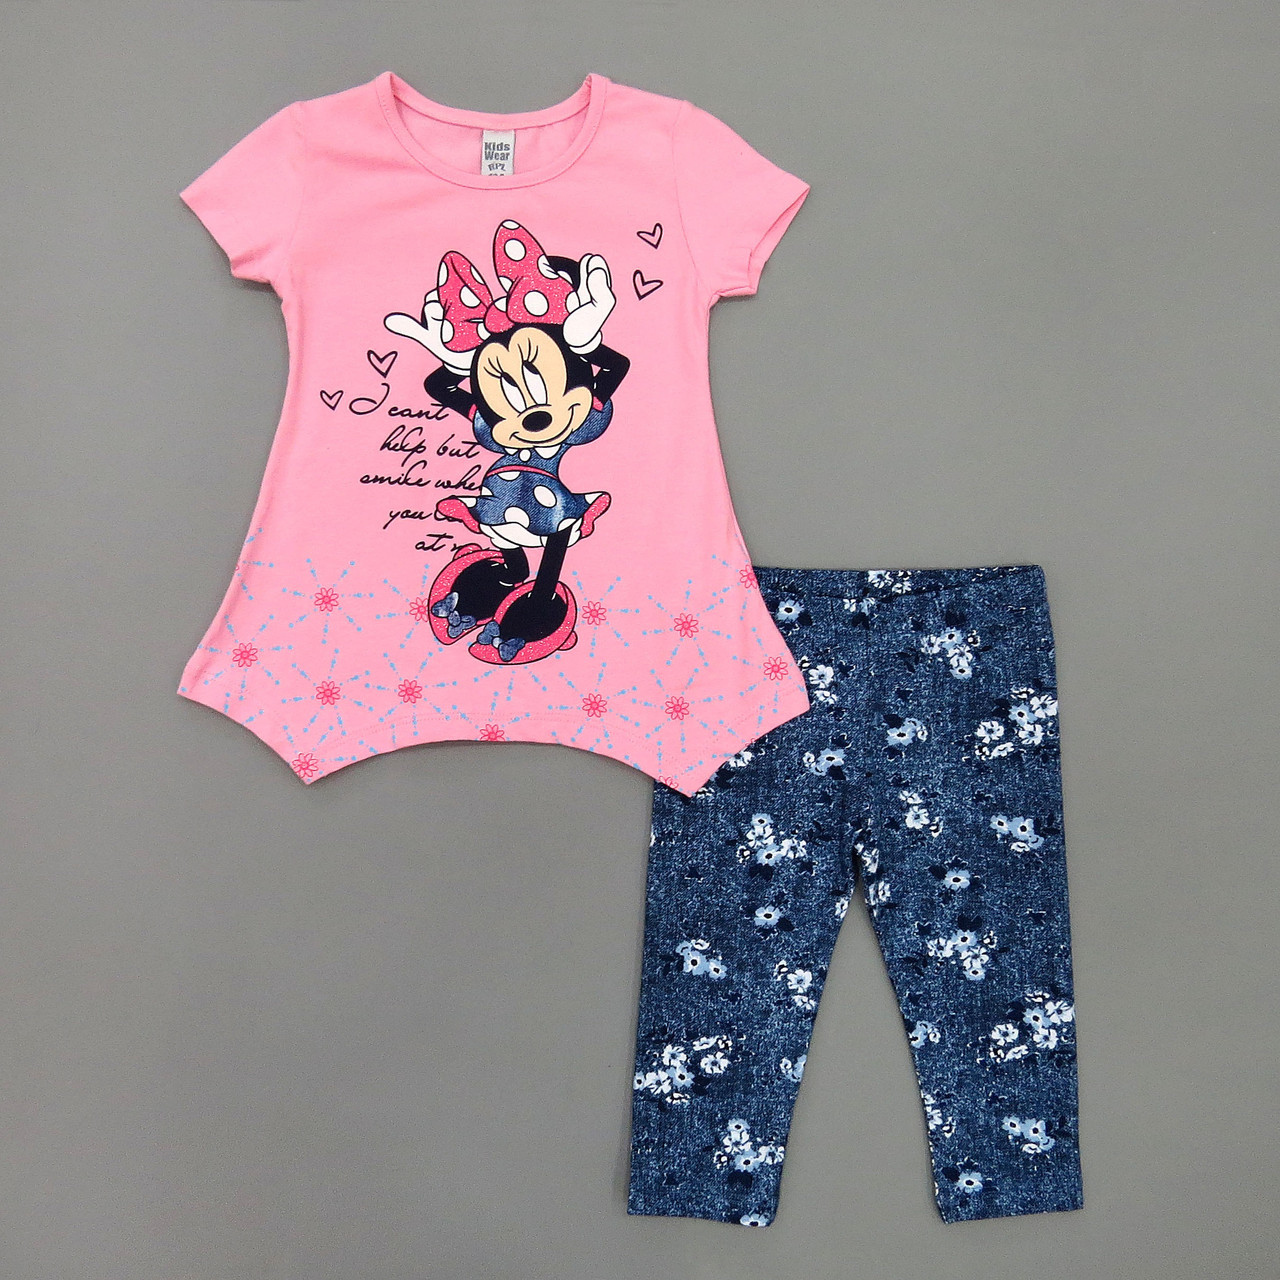 Летний костюм Minnie Mouse для девочки. 98, 104, 110, 116 см